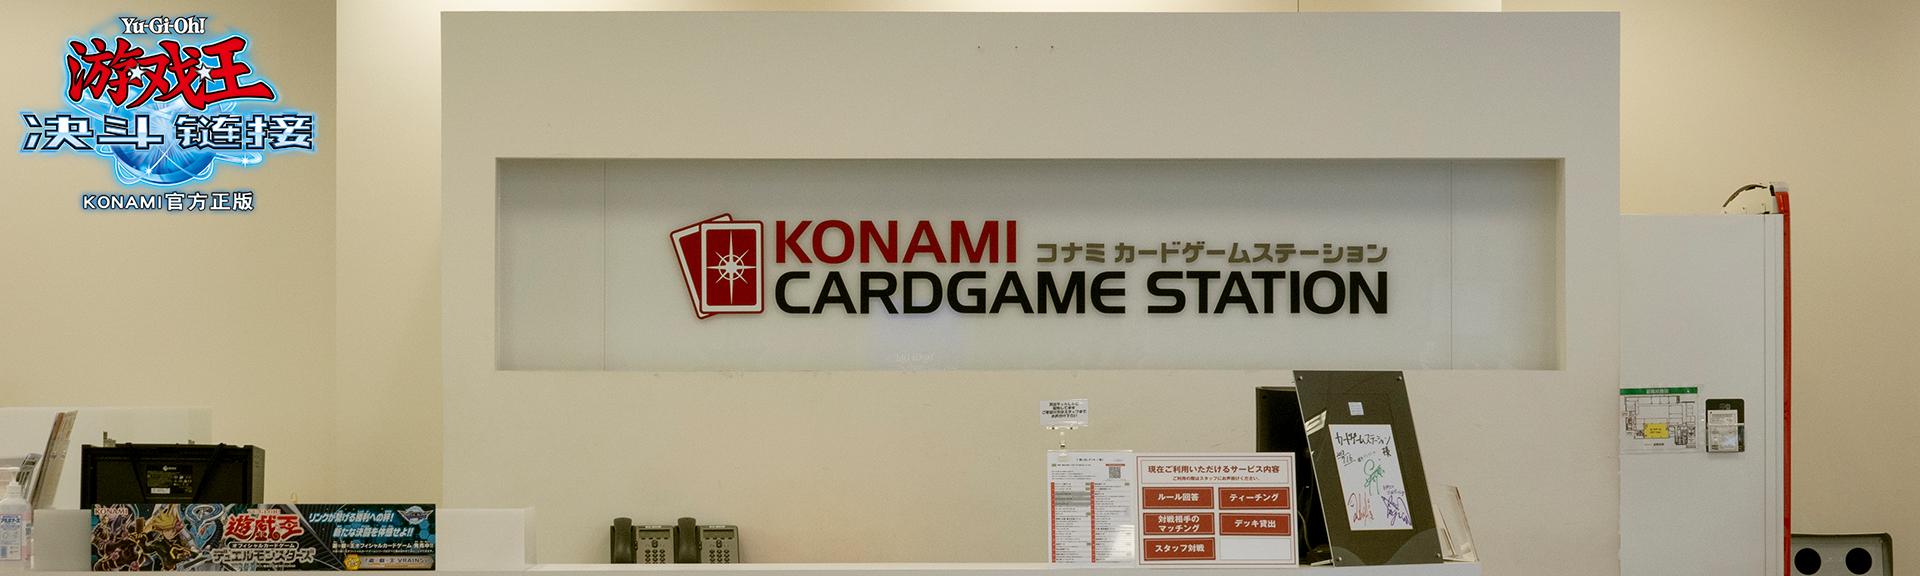 真正的决斗天堂! KONAMI游戏王卡牌中心探营全记录